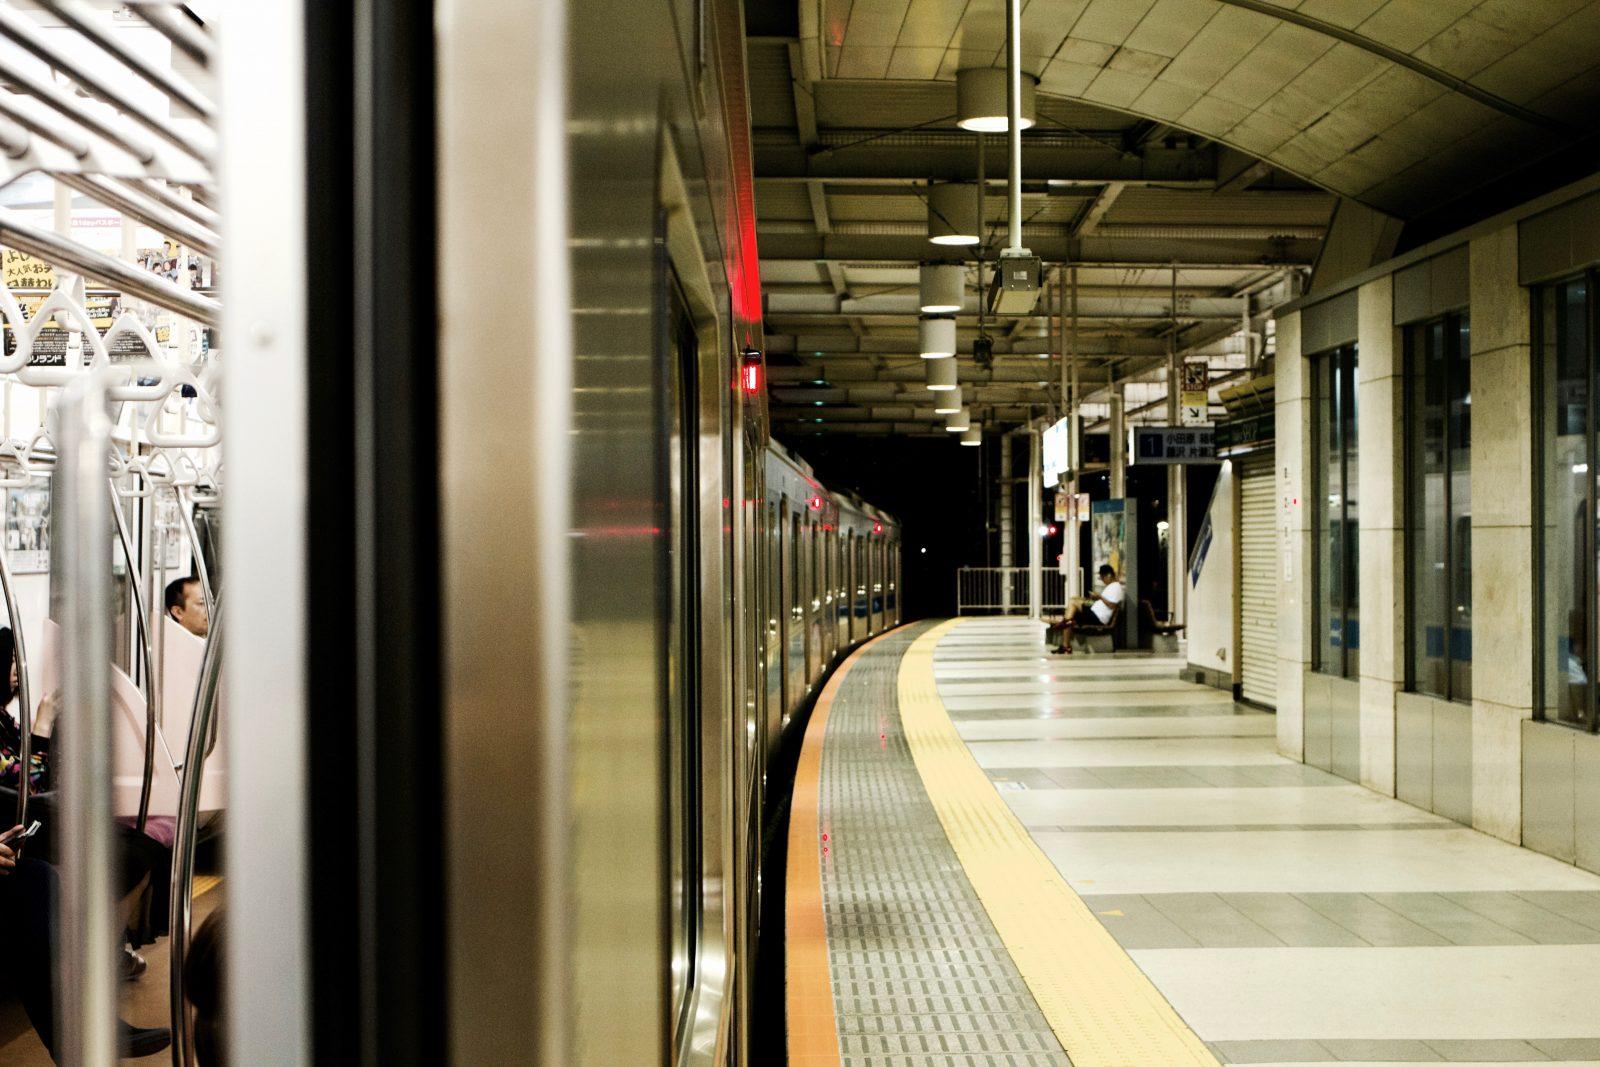 東京サブウェイチケット(Tokyo Subway Ticket)でいつでも地下鉄乗り放題:買い方、使い方